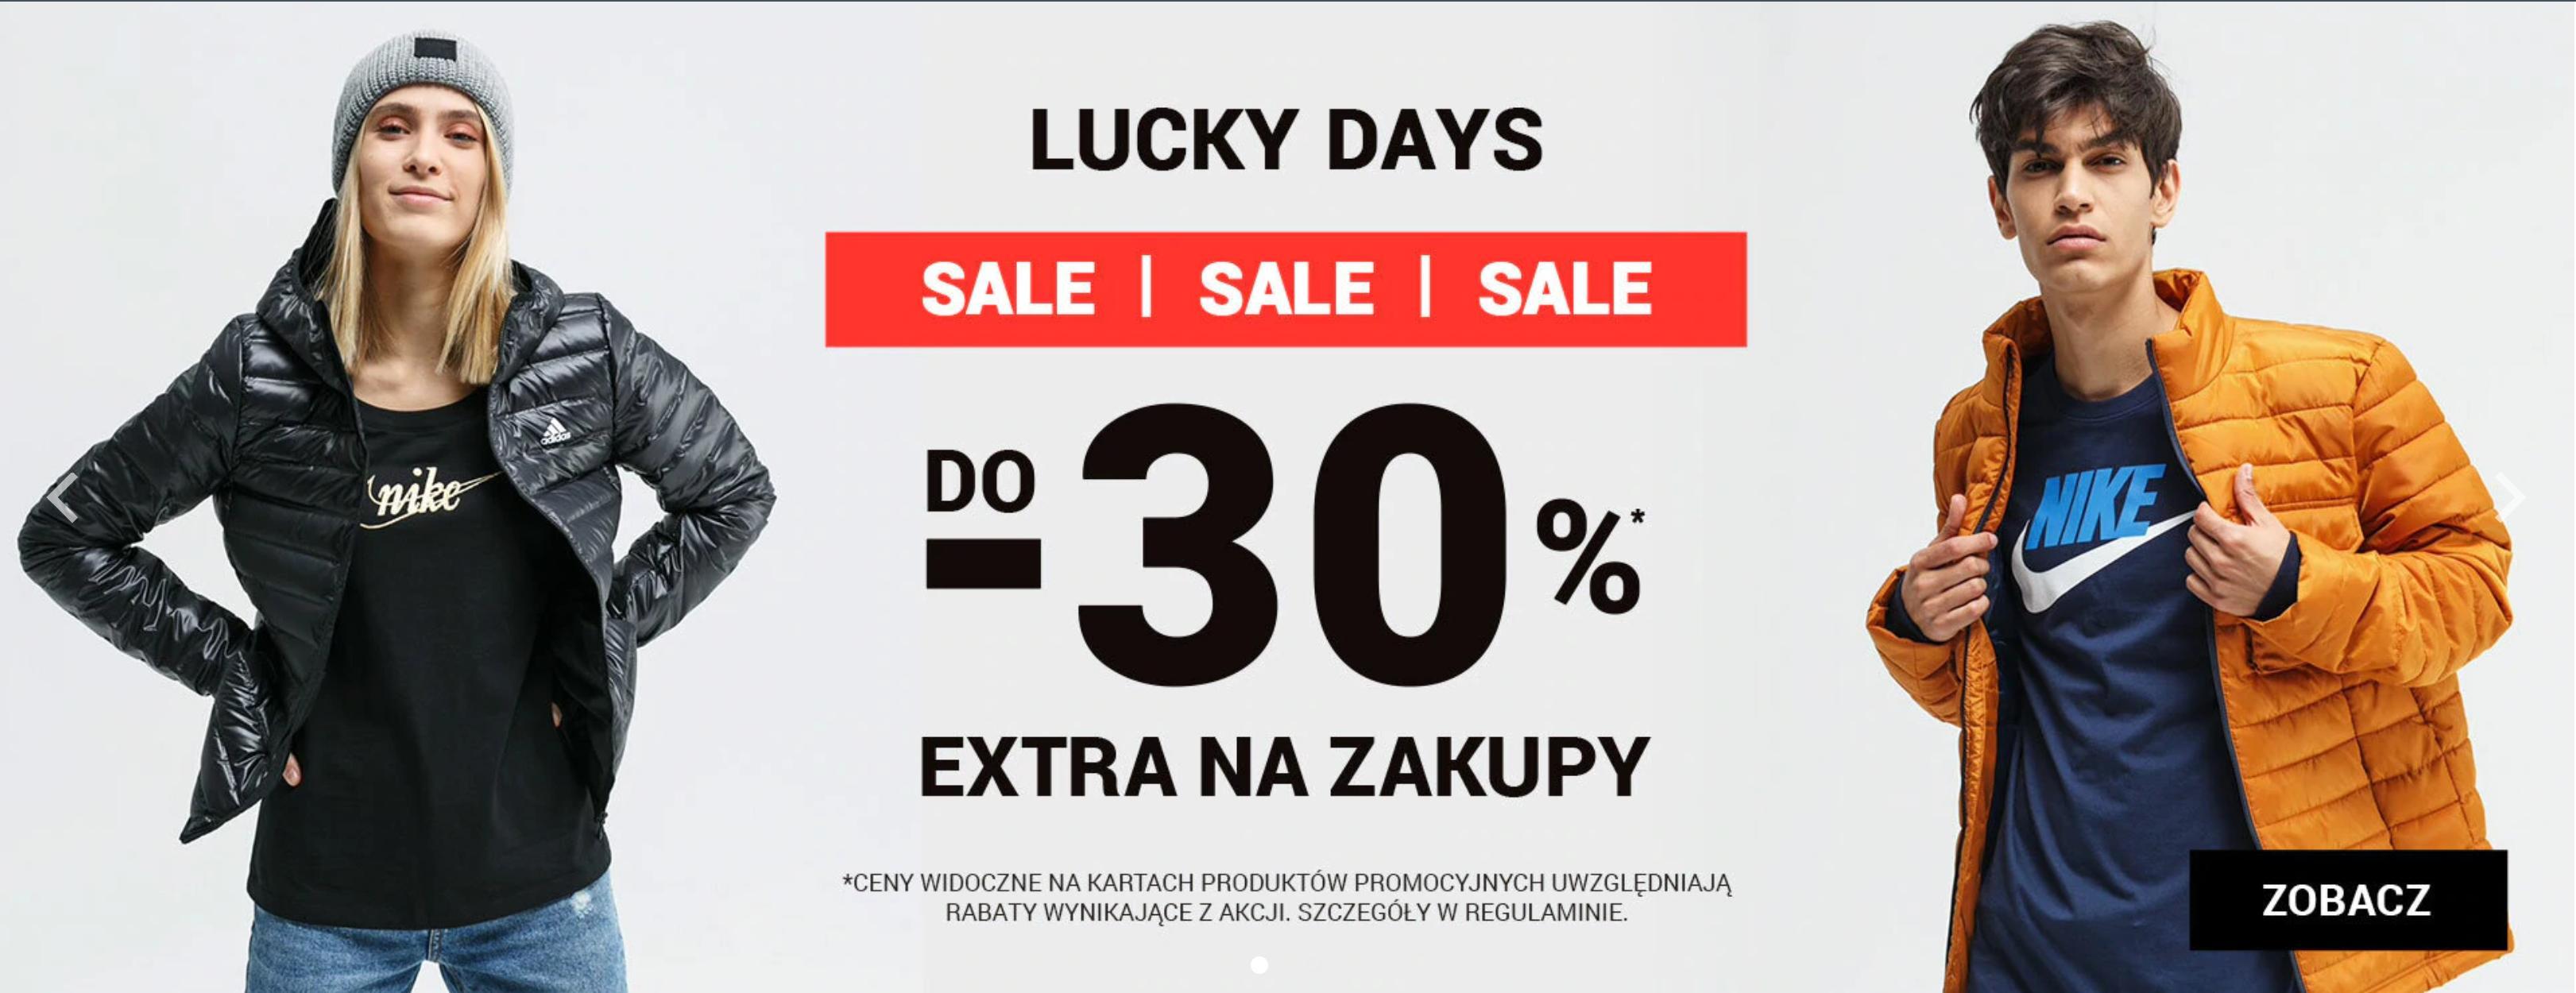 ButySportowe.pl: Lucky Days do 30% rabatu na buty i odzież sportową